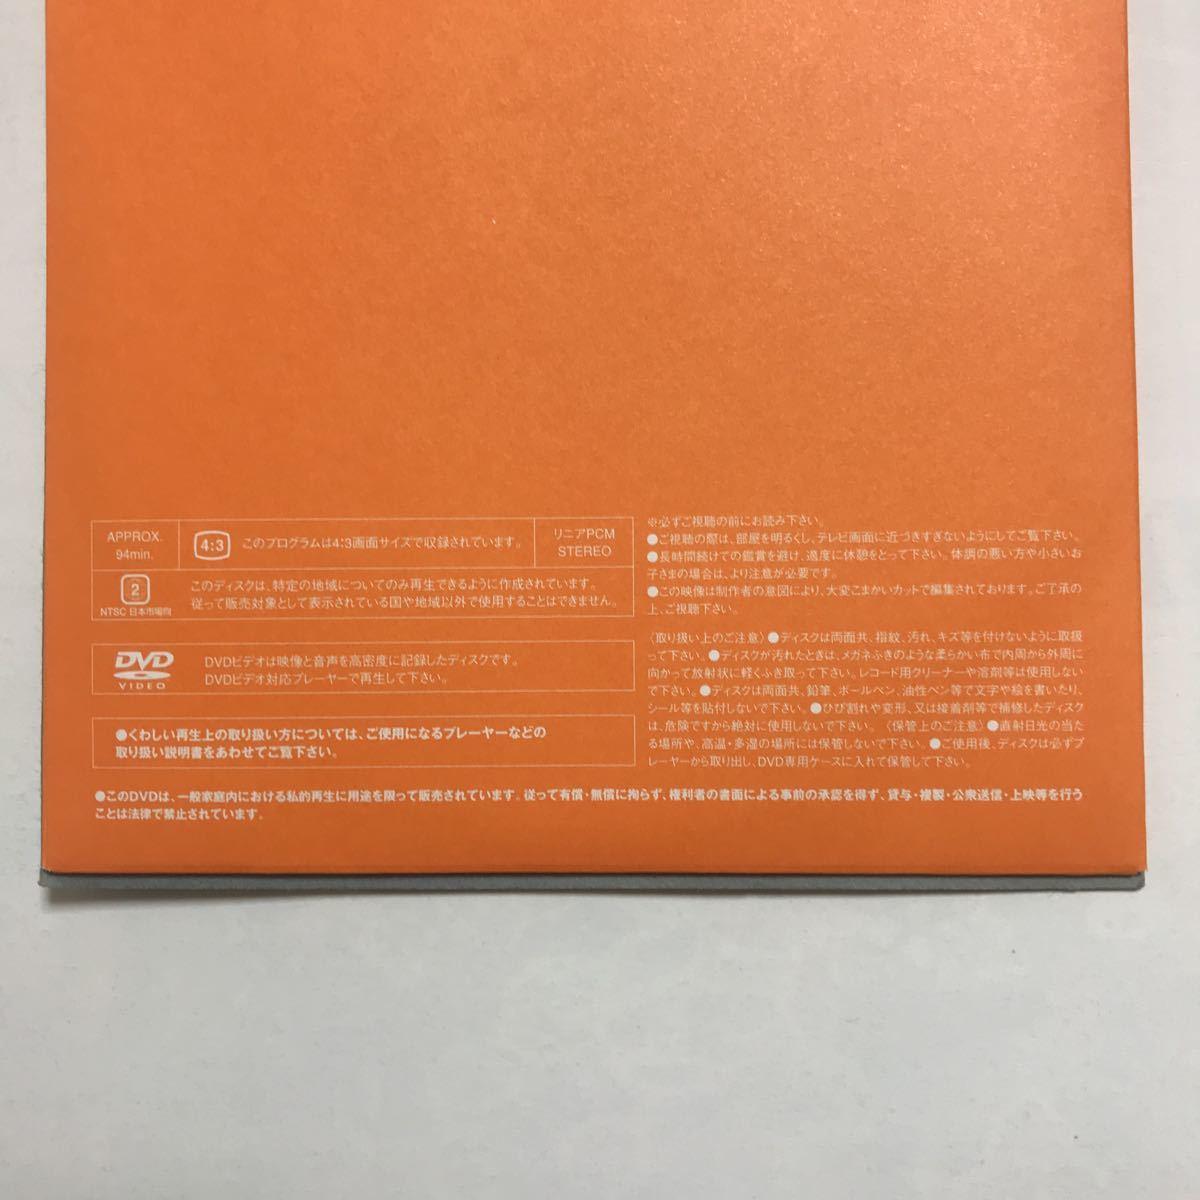 嵐 ARASHI ALL or NOTHING DVD レア 希少 廃盤_画像8